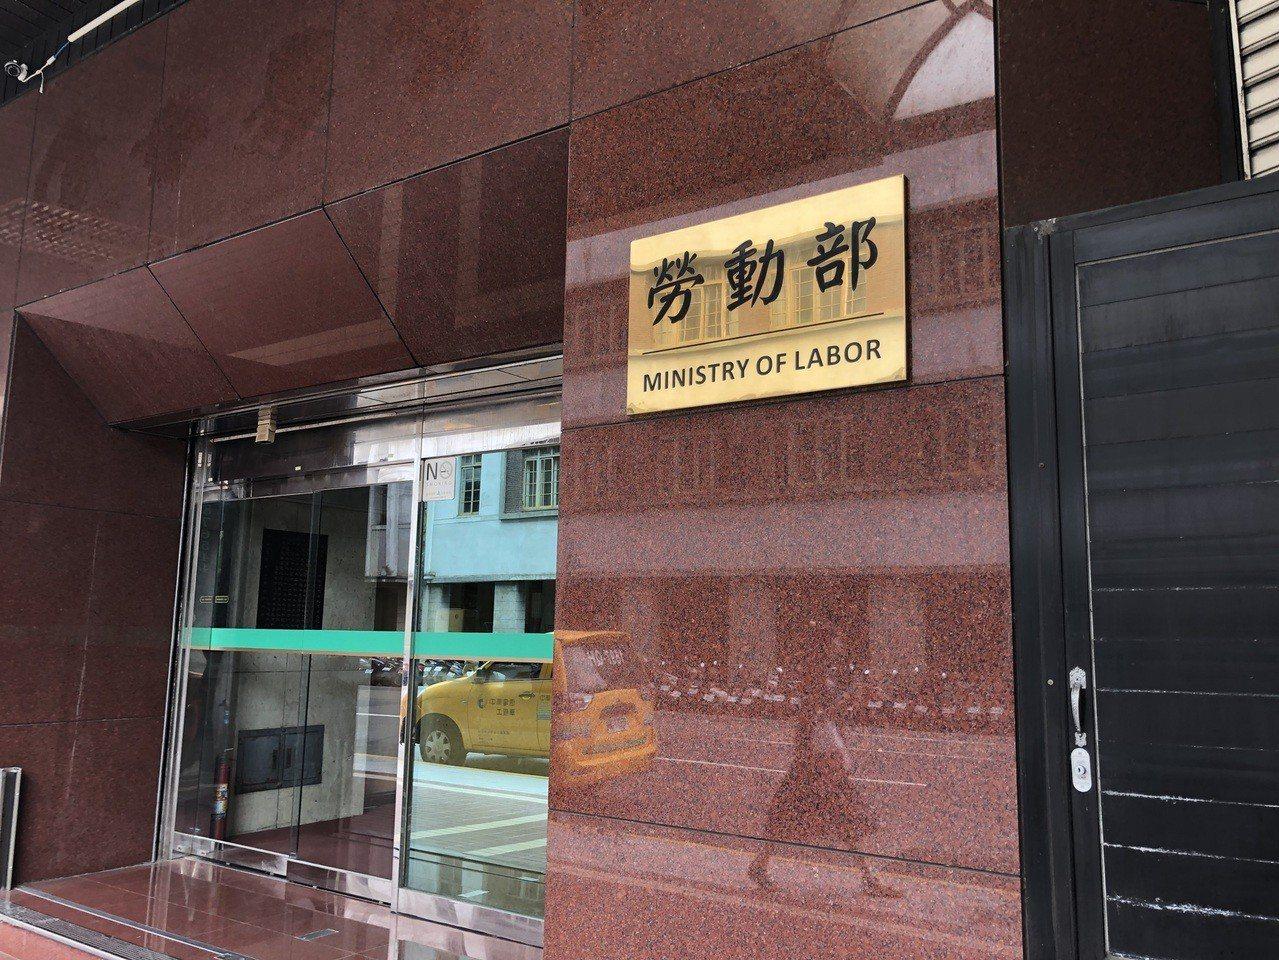 勞動部今日下午召開勞動基準諮詢會議,將審查提案七休一例外的行業。記者陳妍霖/攝影